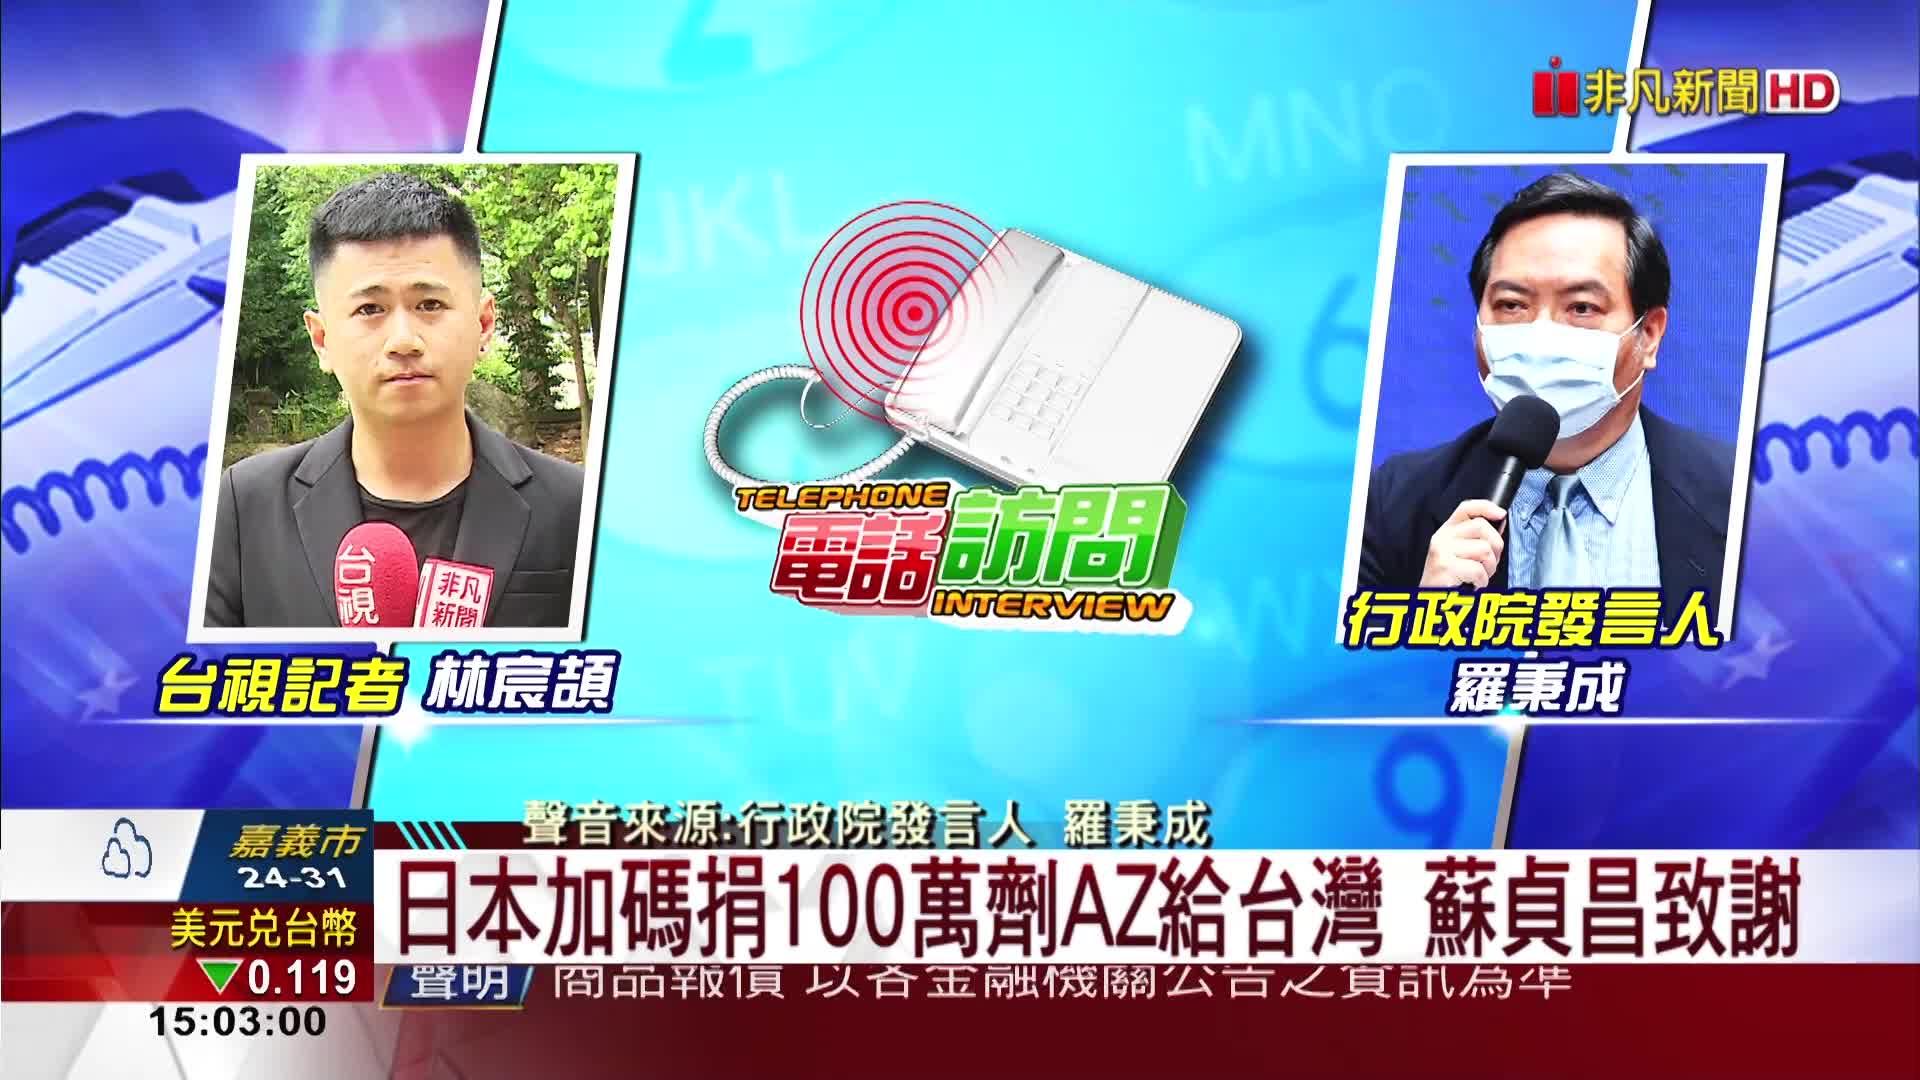 日本加碼捐100萬劑AZ給台灣 蘇貞昌致謝